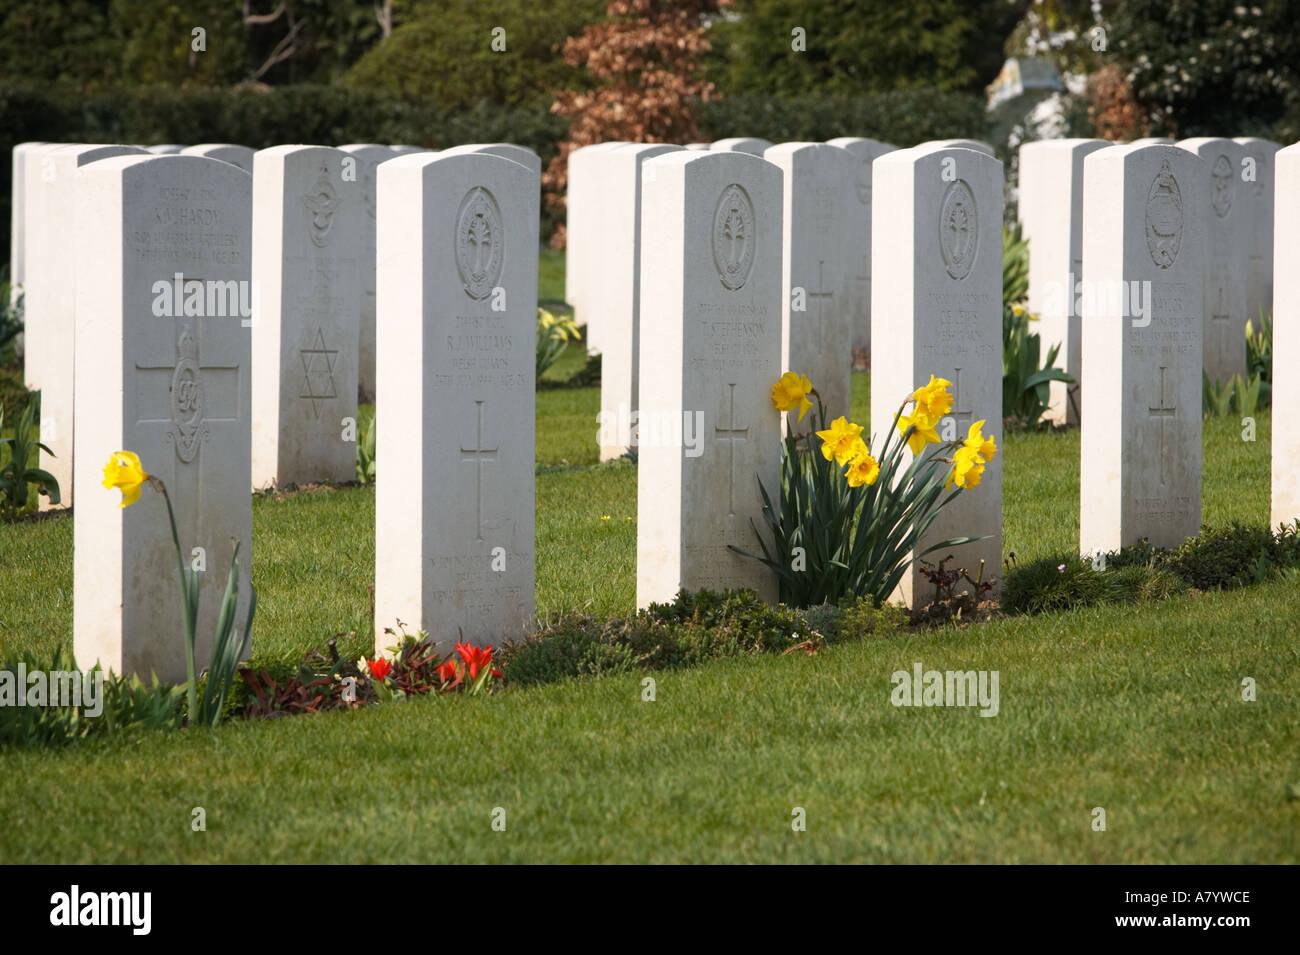 Las tumbas de guerra en la II Guerra Mundial en el cementerio militar de Ranville Calvados Normandía Francia Imagen De Stock